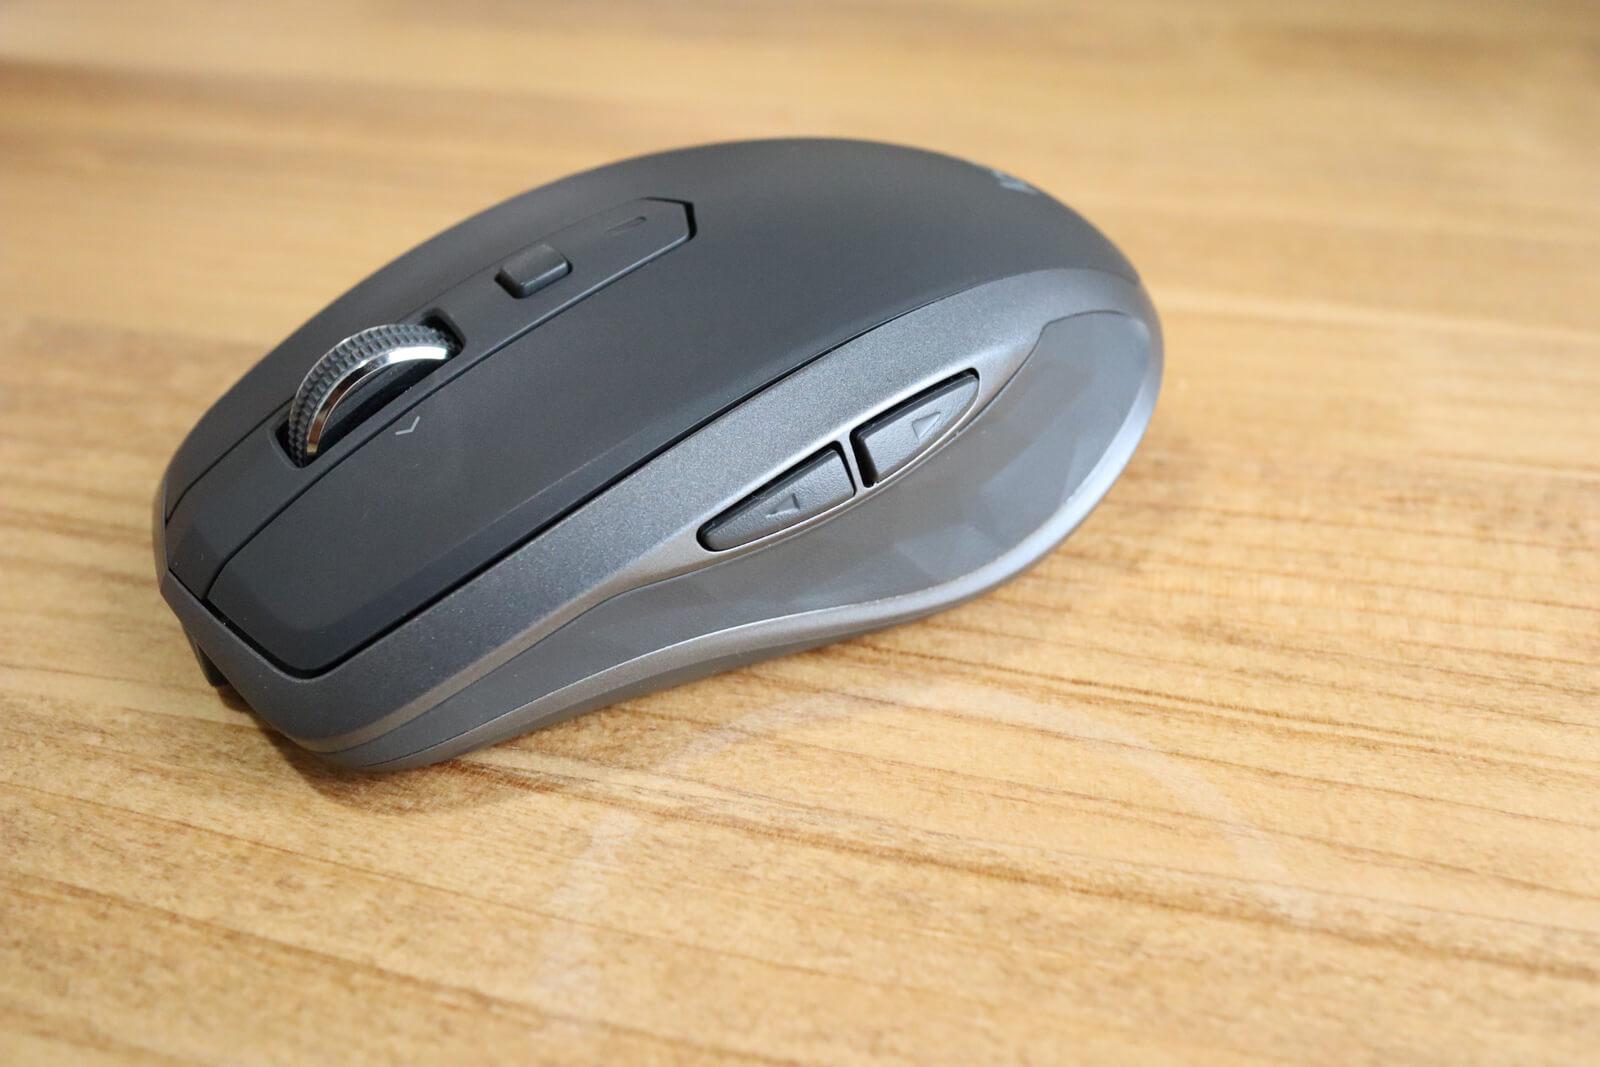 複数のPCを切替できるBluetoothマウス「MX ANYWHERE 2S」ちょっと高いけど大満足のマウスに出会った気がする